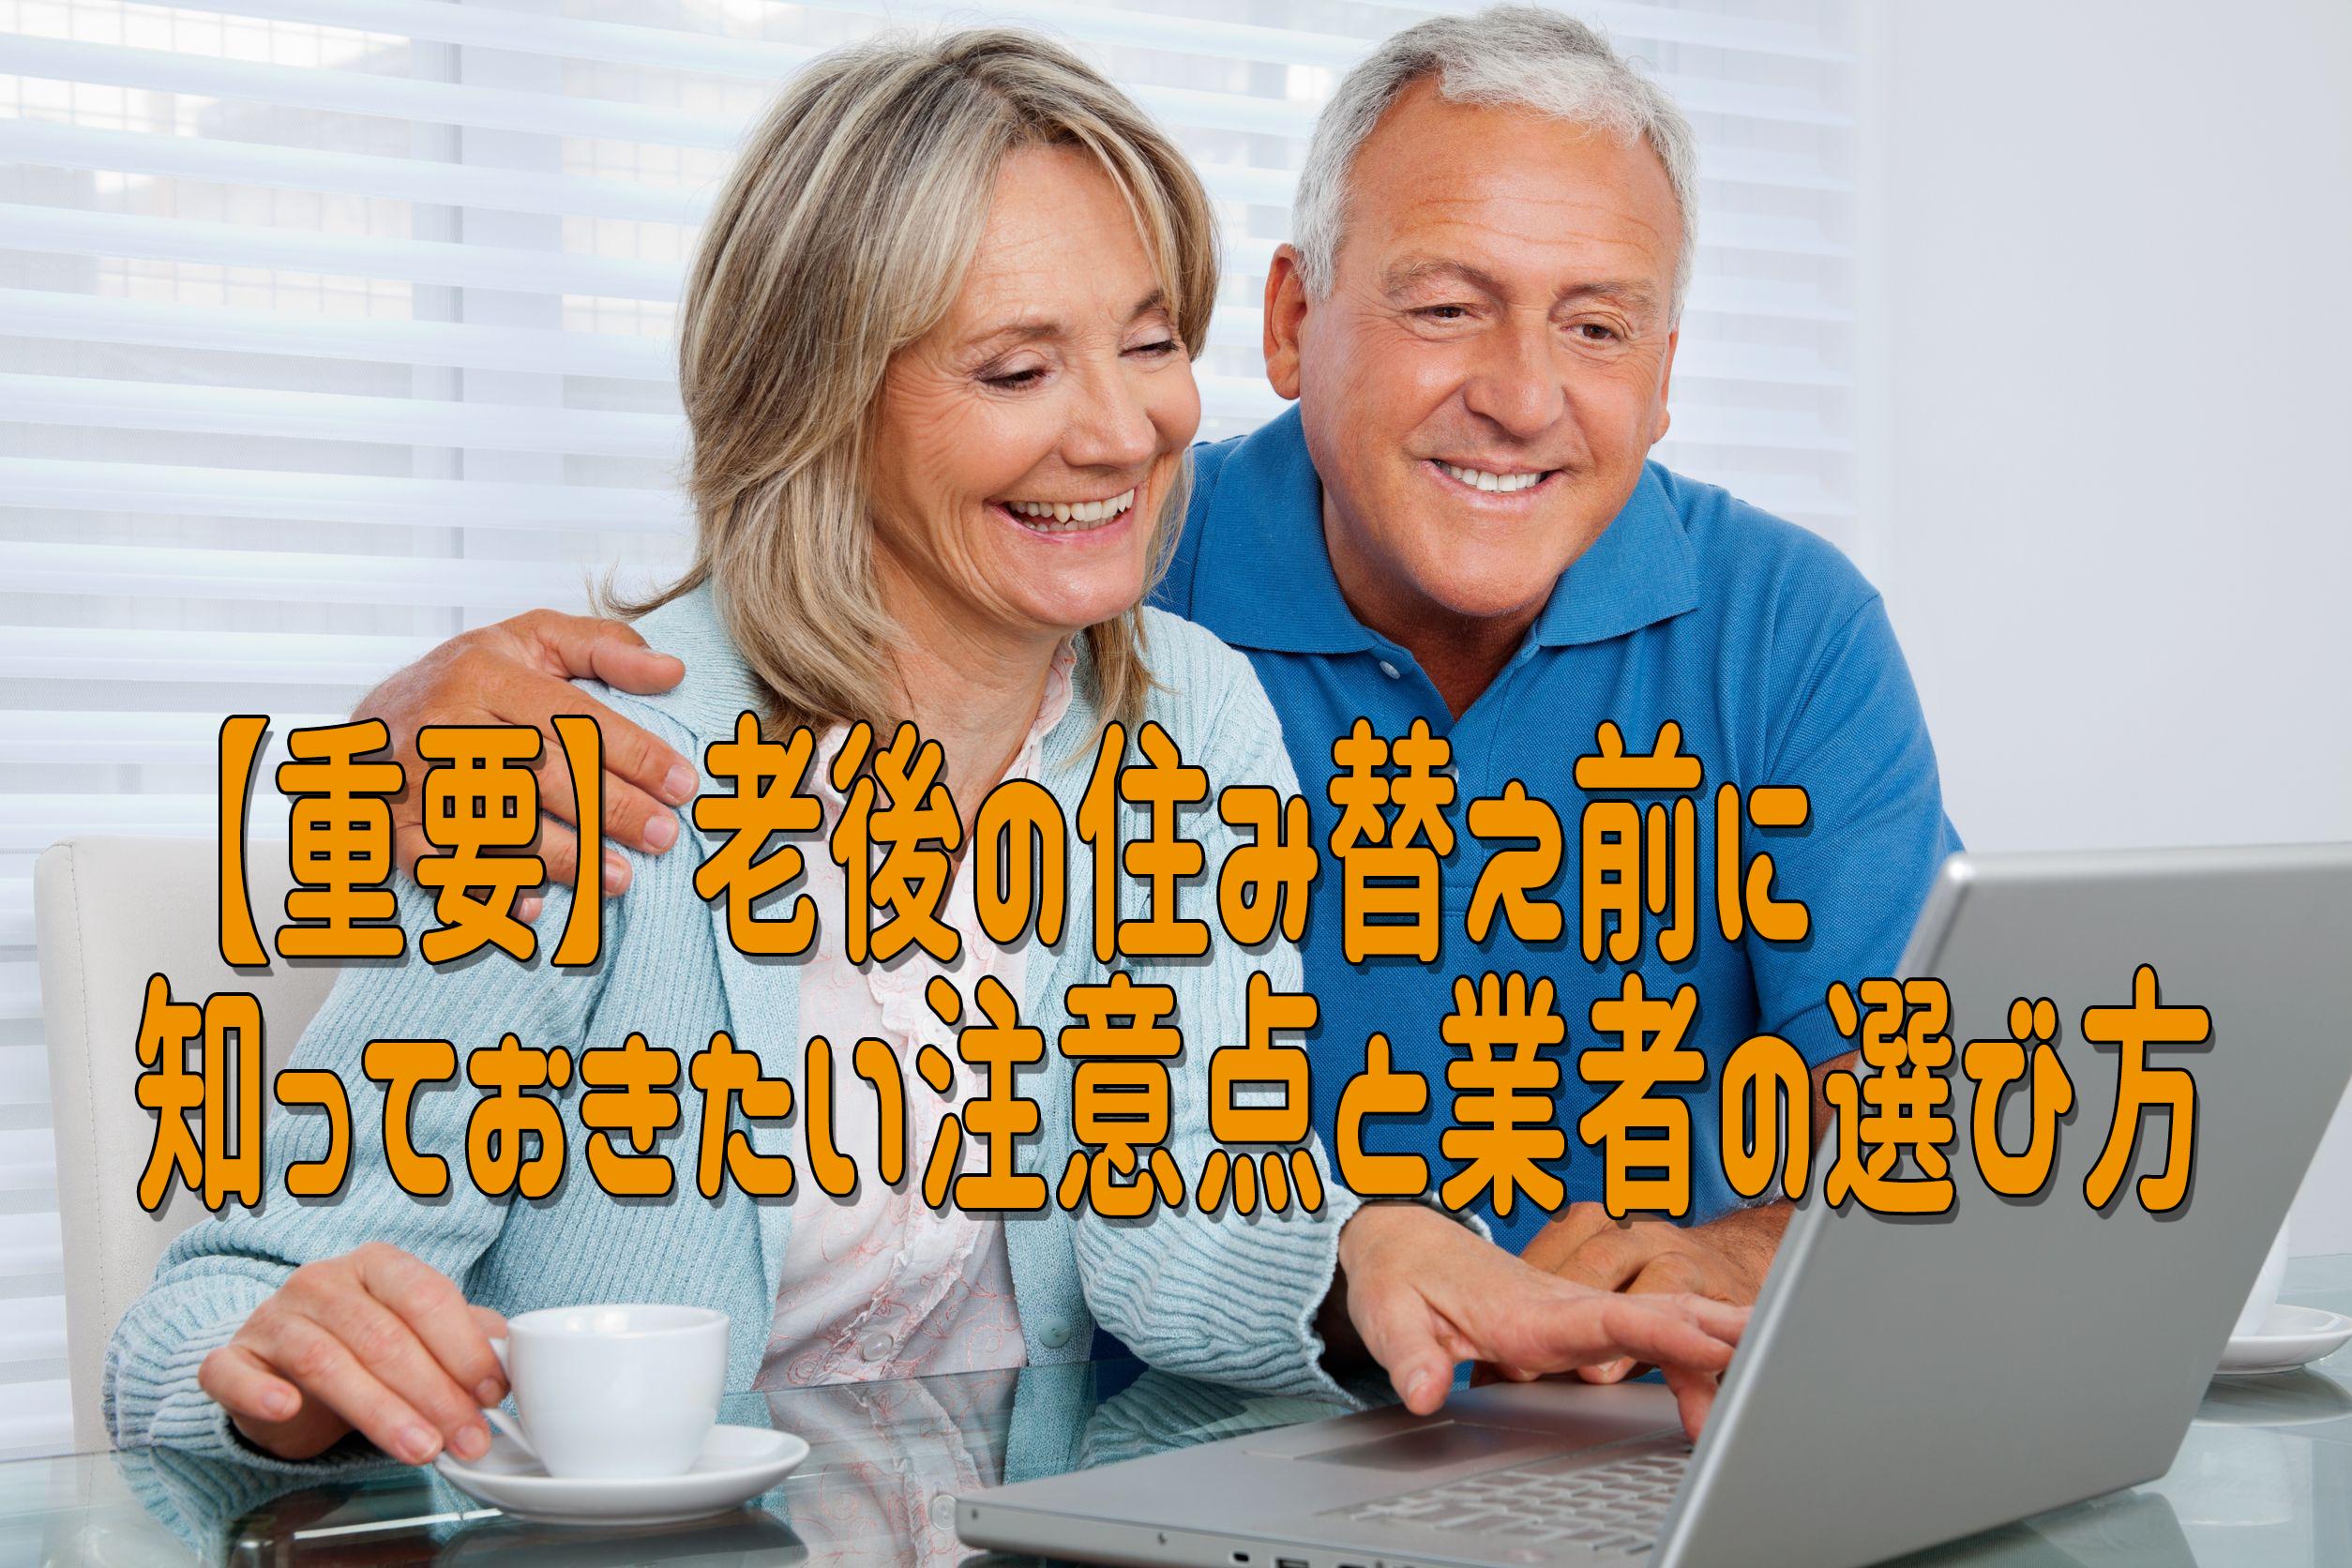 【重要】老後の住み替え前に知っておきたい注意点と業者の選び方